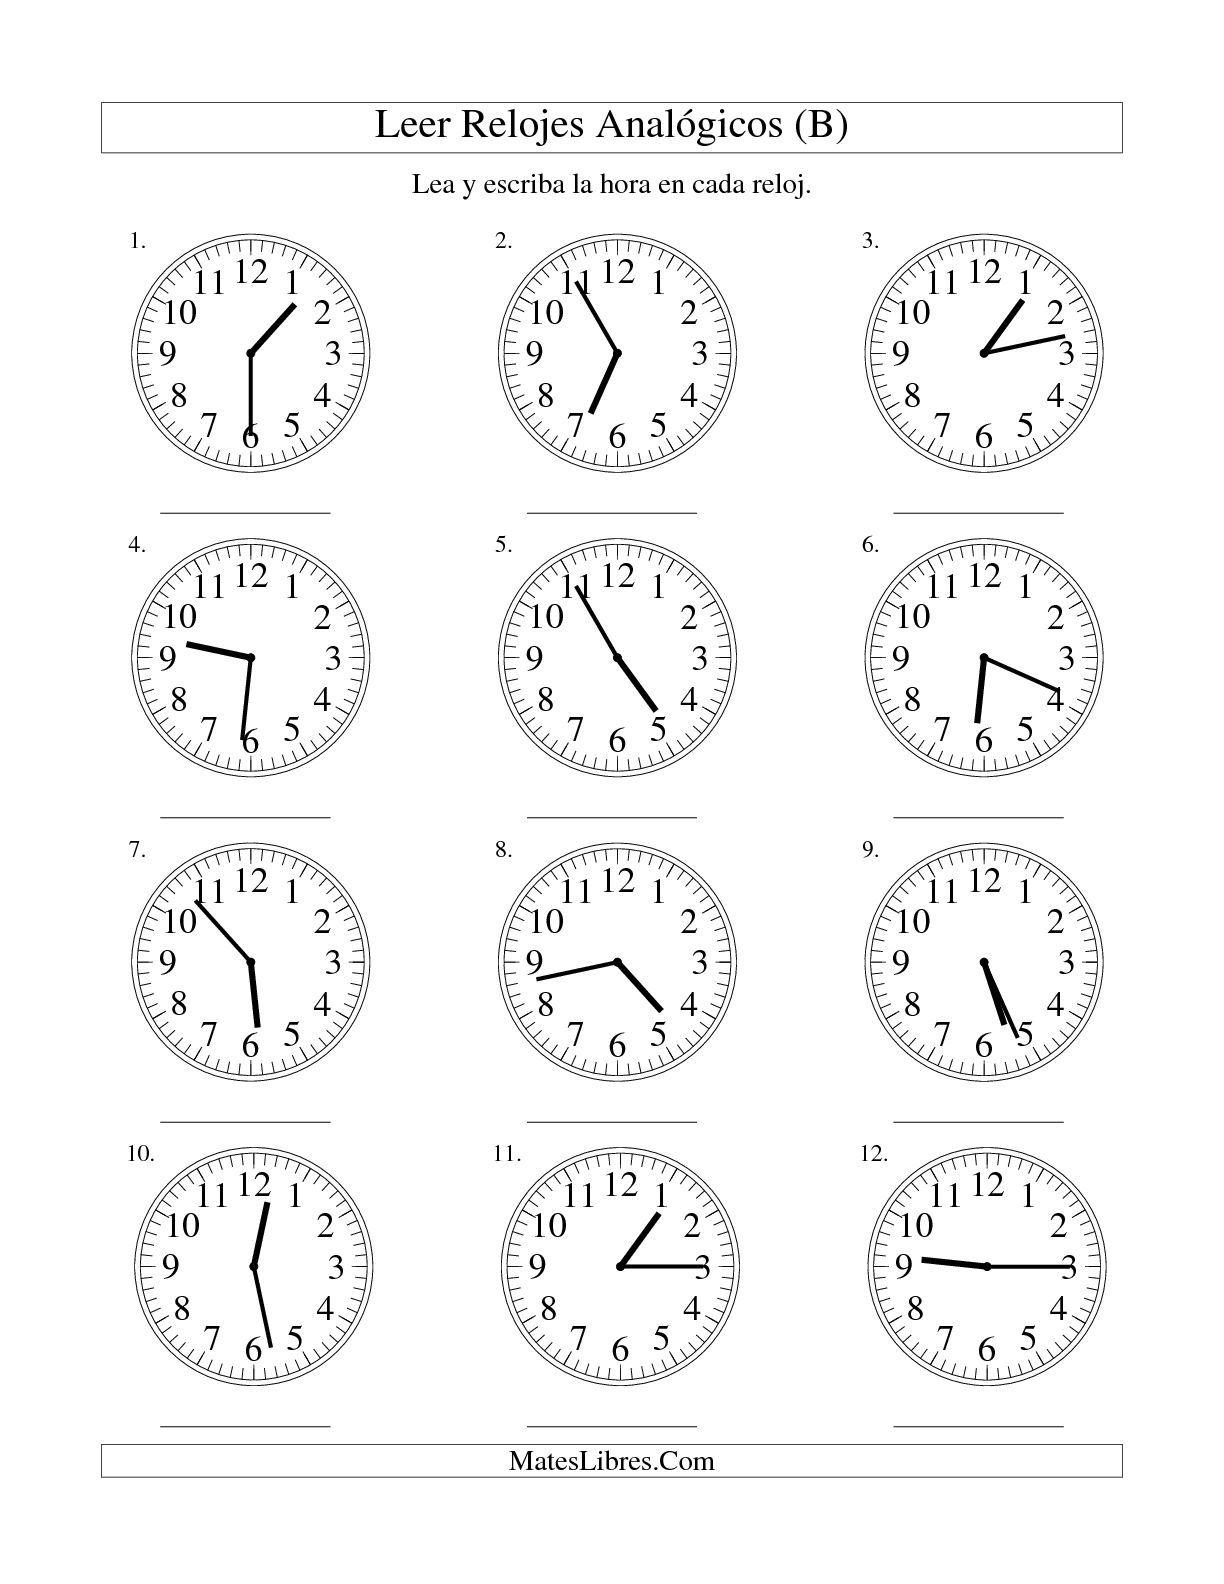 La Hoja De Ejercicios De Matematicas De Leer La Hora En Un Relojogico En Intervalos De 1